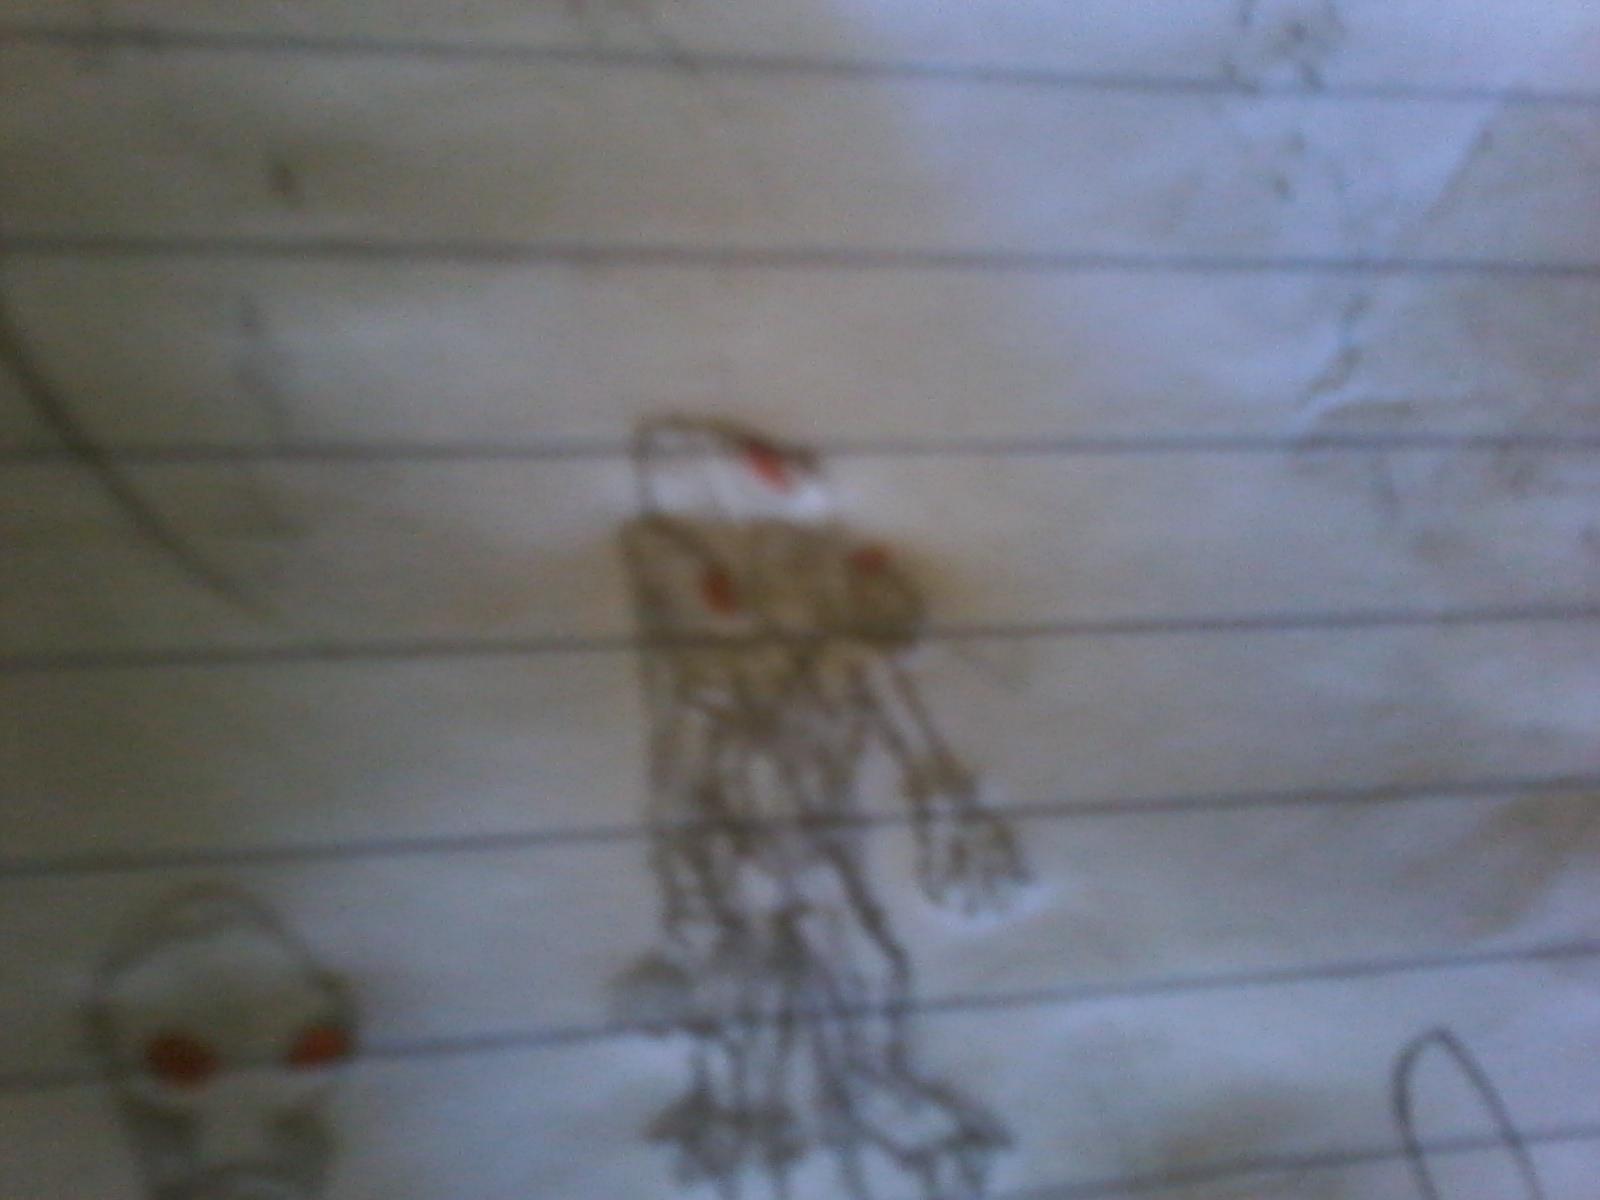 Algunou sabe dibujar a monster X